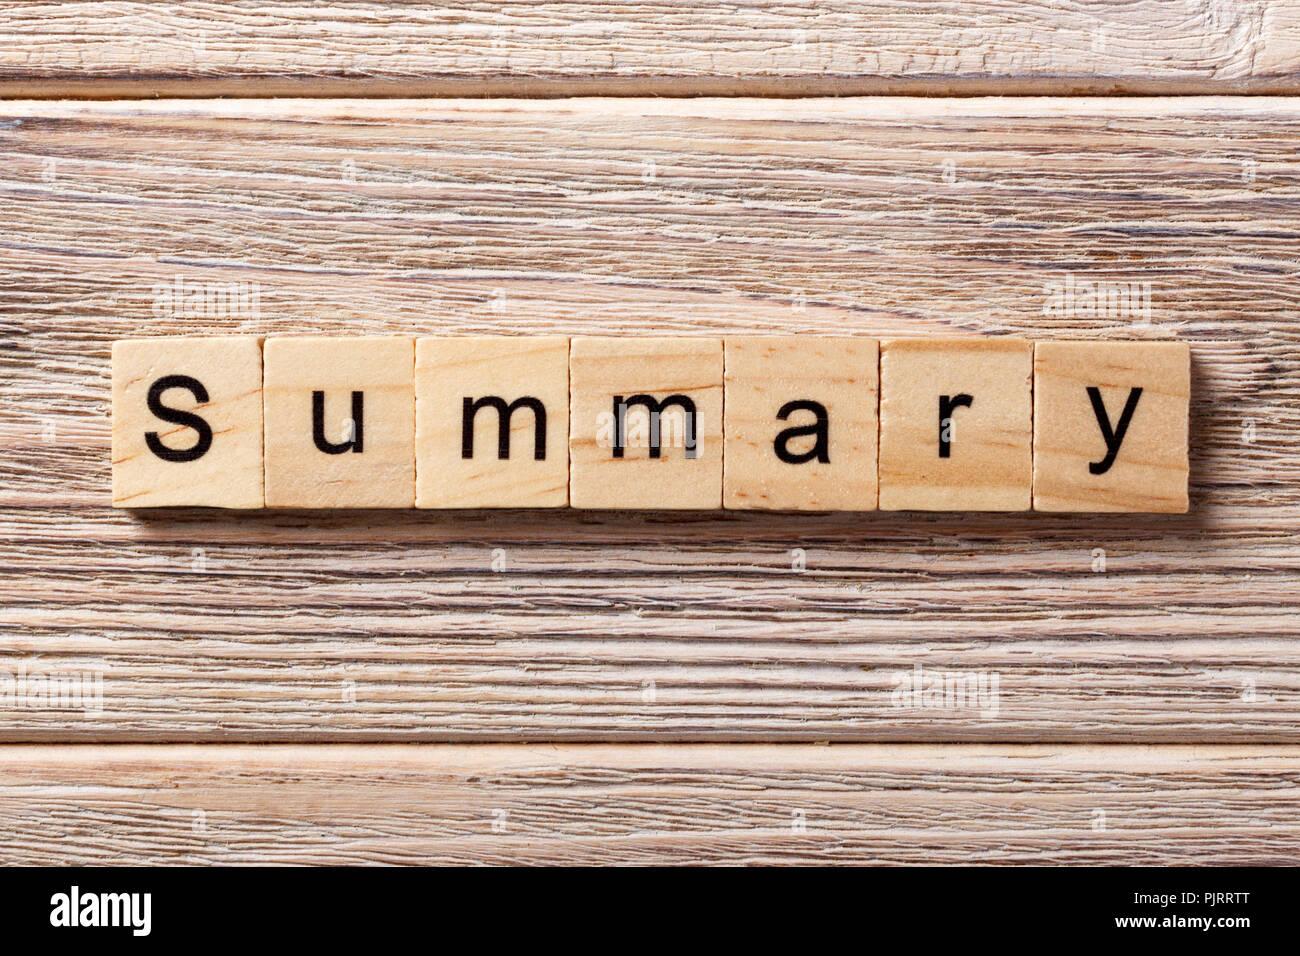 Summary word written on wood block. Summary text on table, concept. - Stock Image